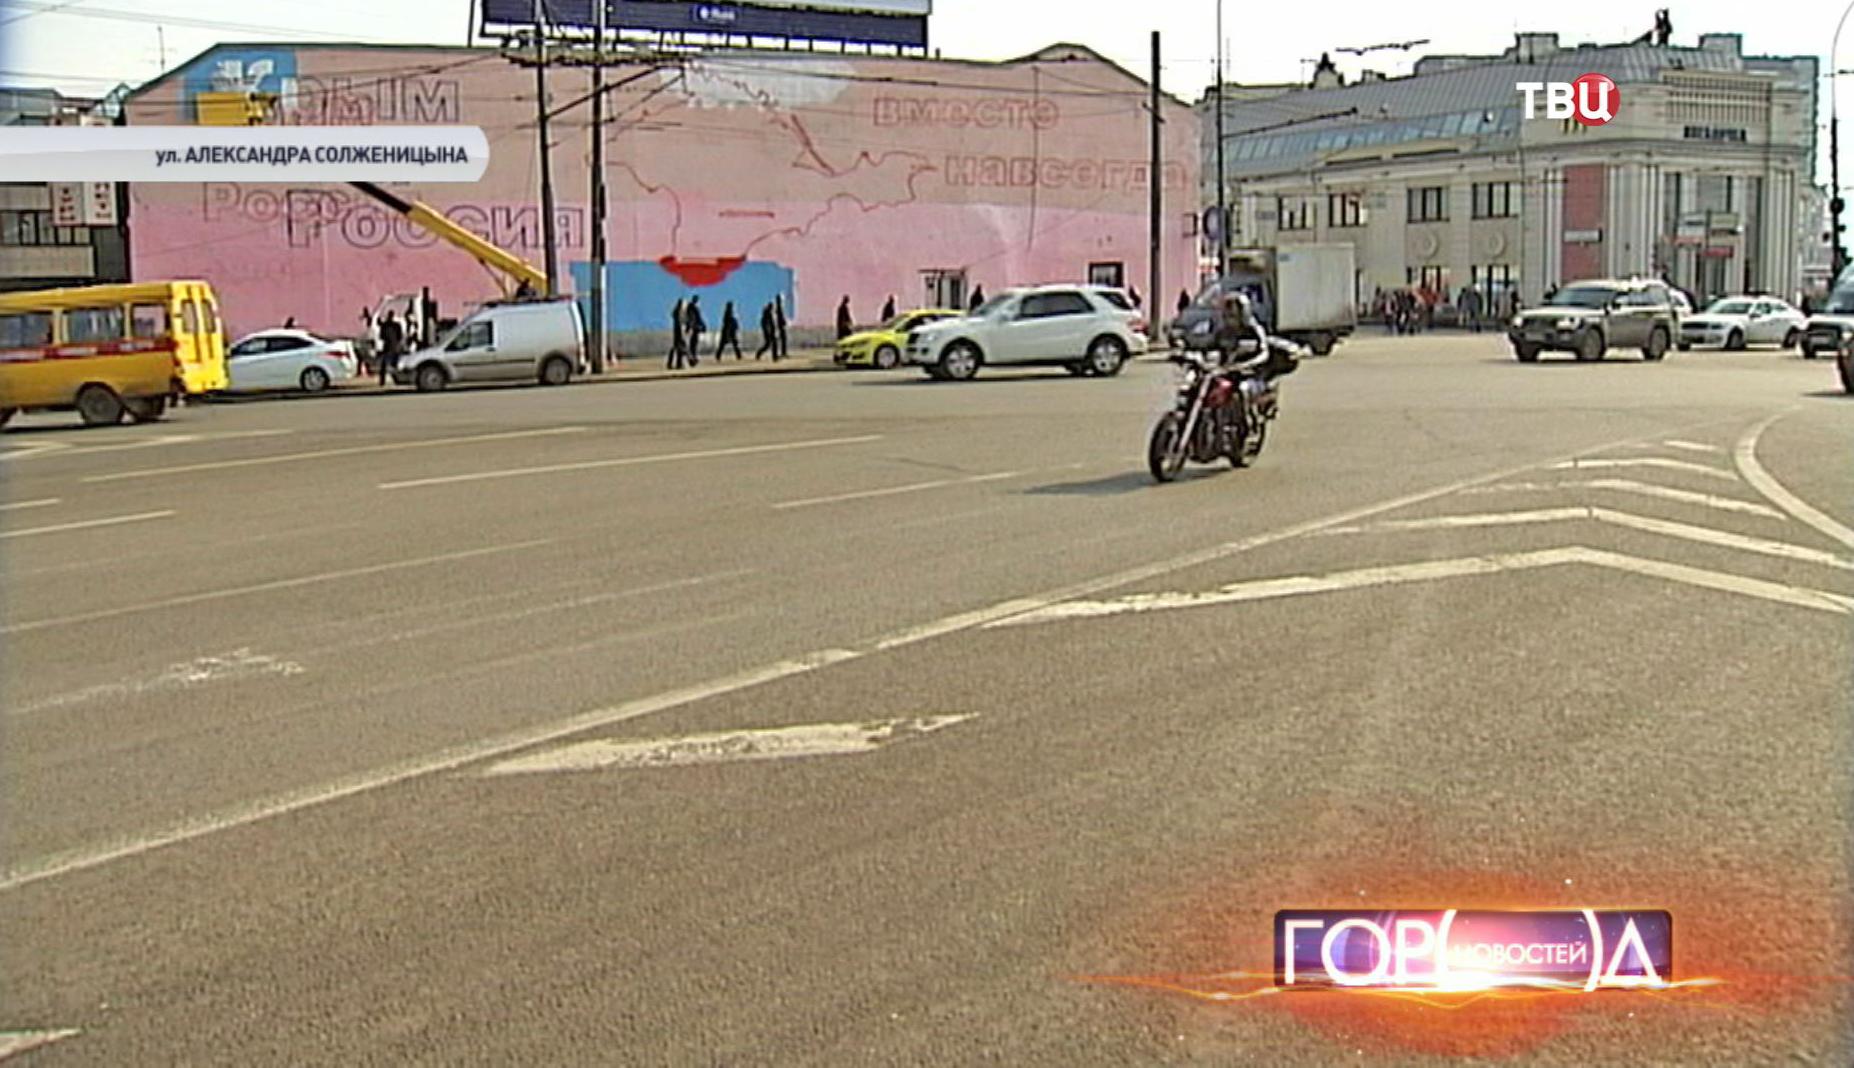 Плакат в виде полуострова Крым на улице Александра Солженицына